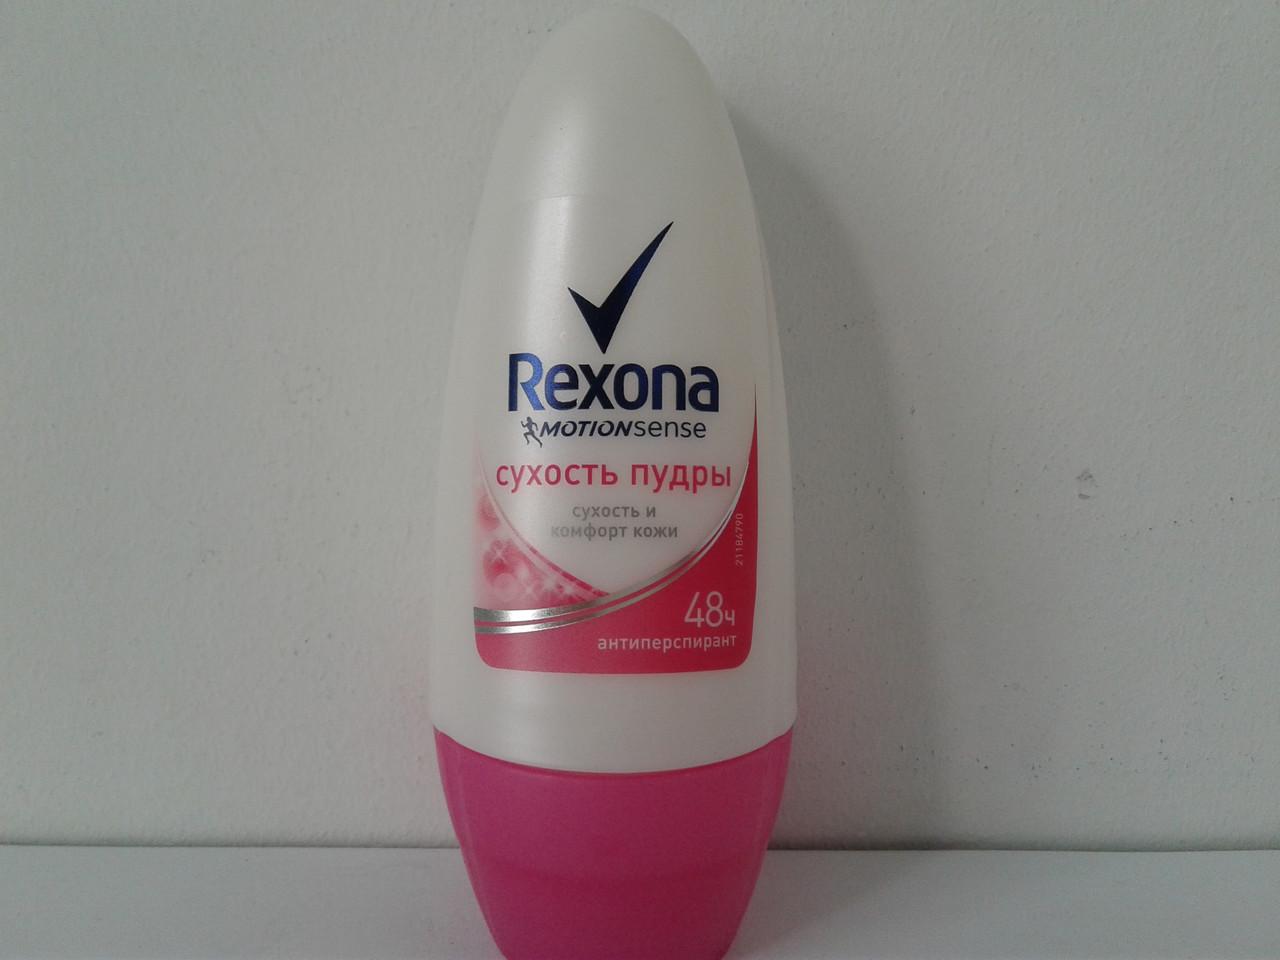 Жіночий дезодорант кульковий антиперспірант Rexona Сухість Пудри 50 мл